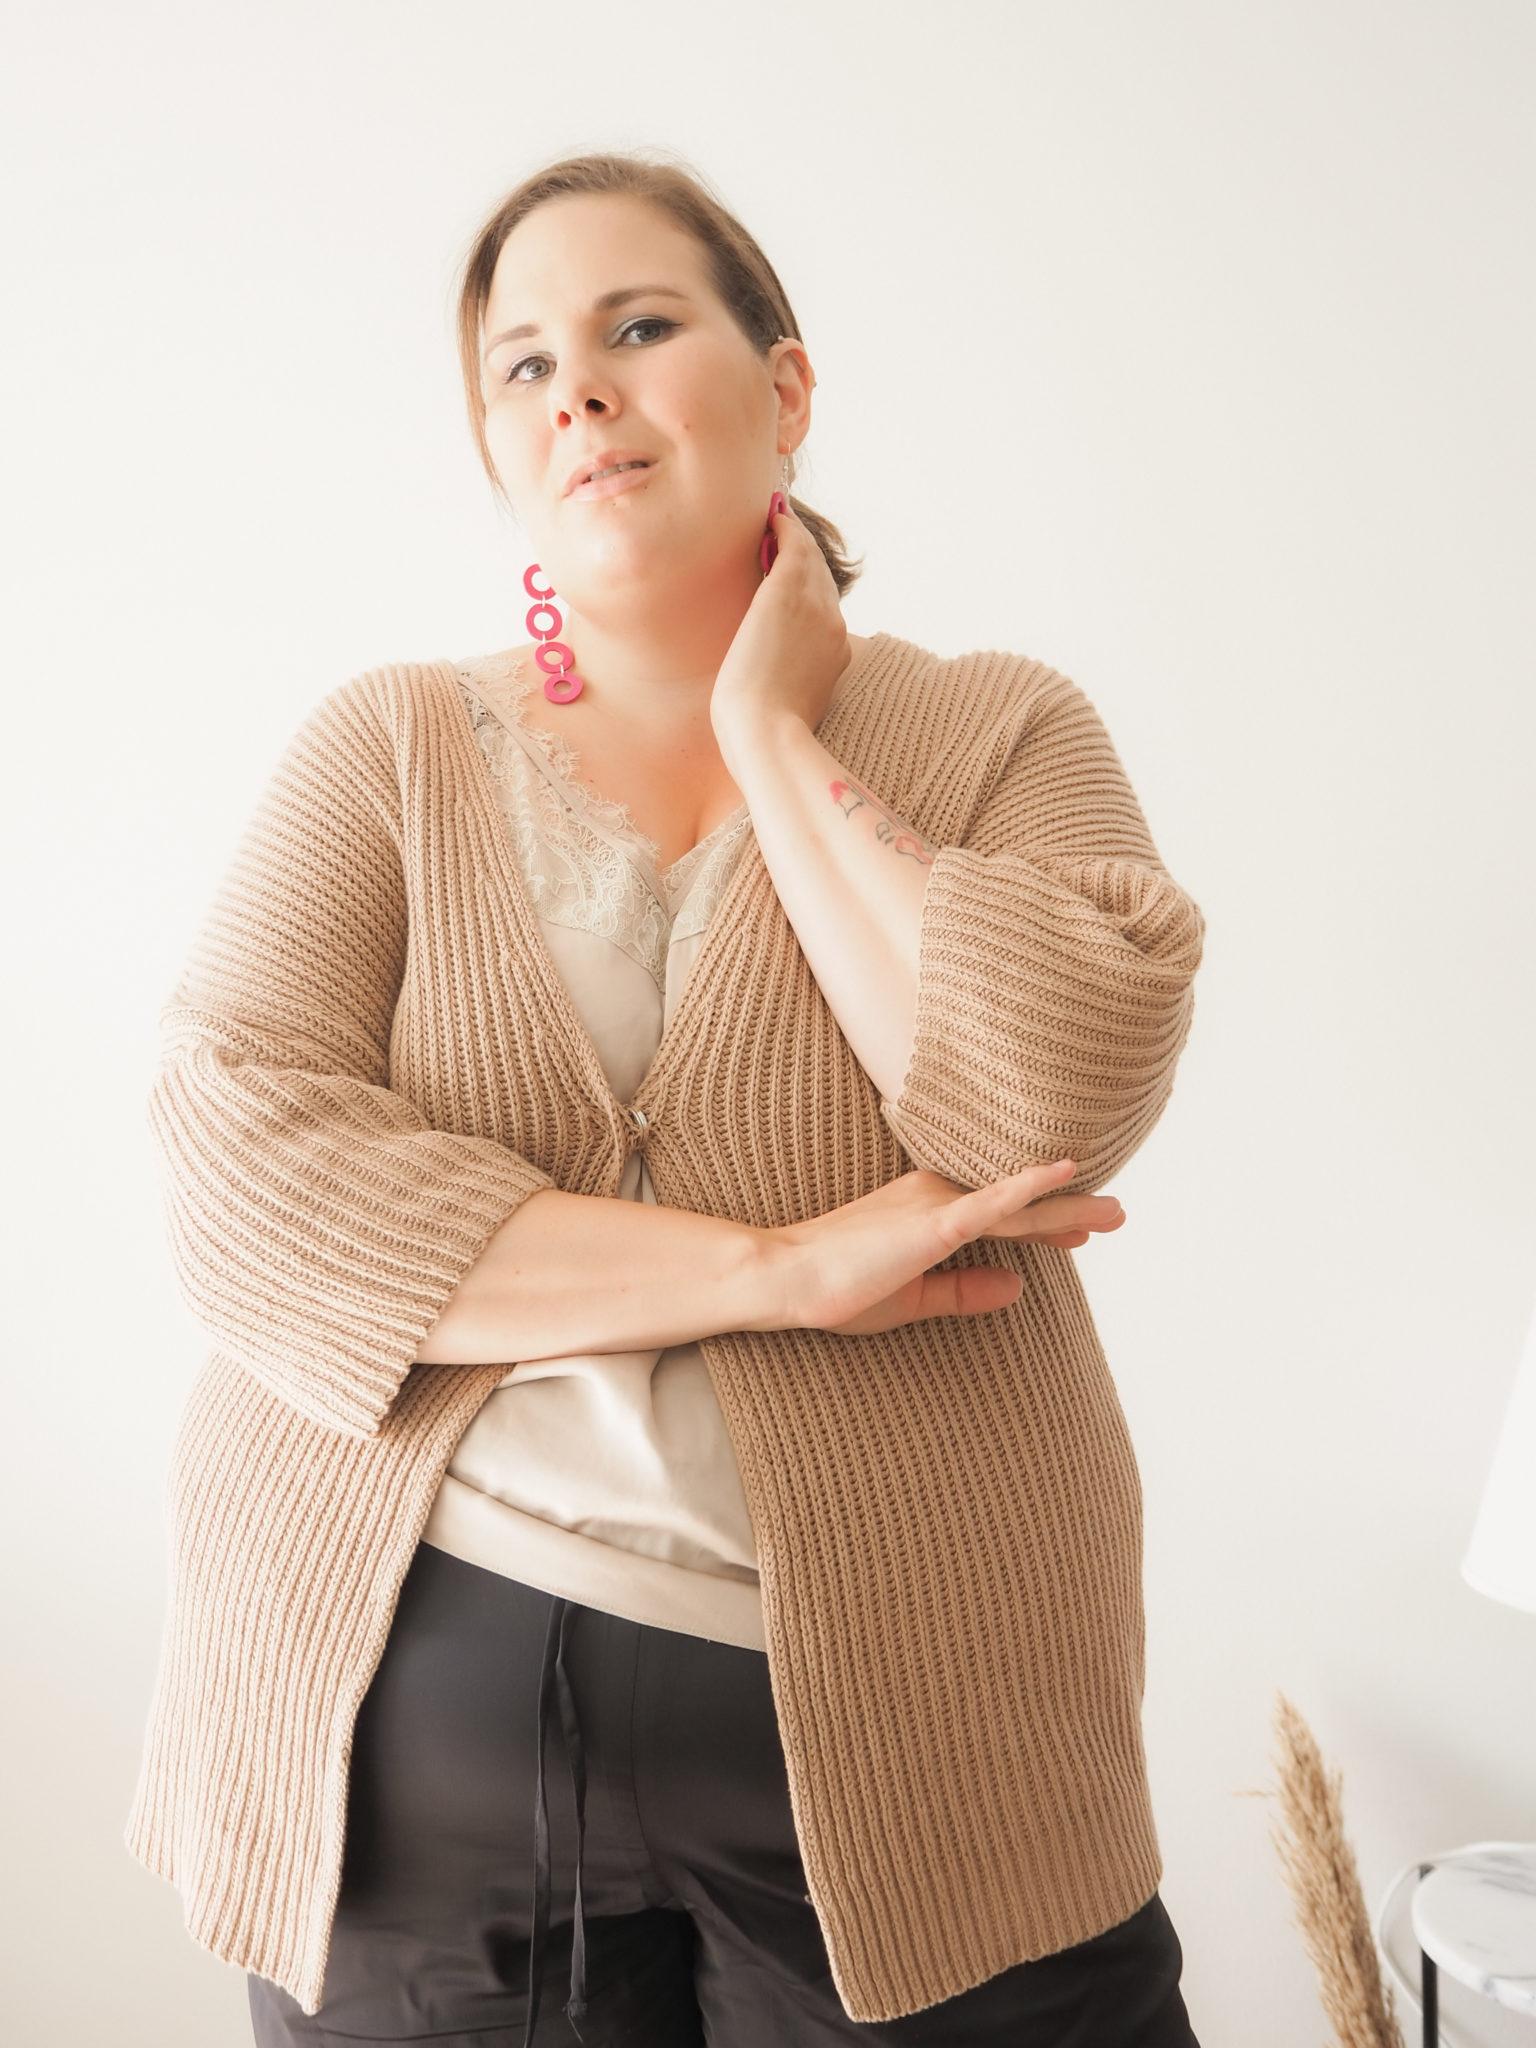 Vaikuttajamedian intensiiviryhmä - BMH - Big mamas home by Jenni